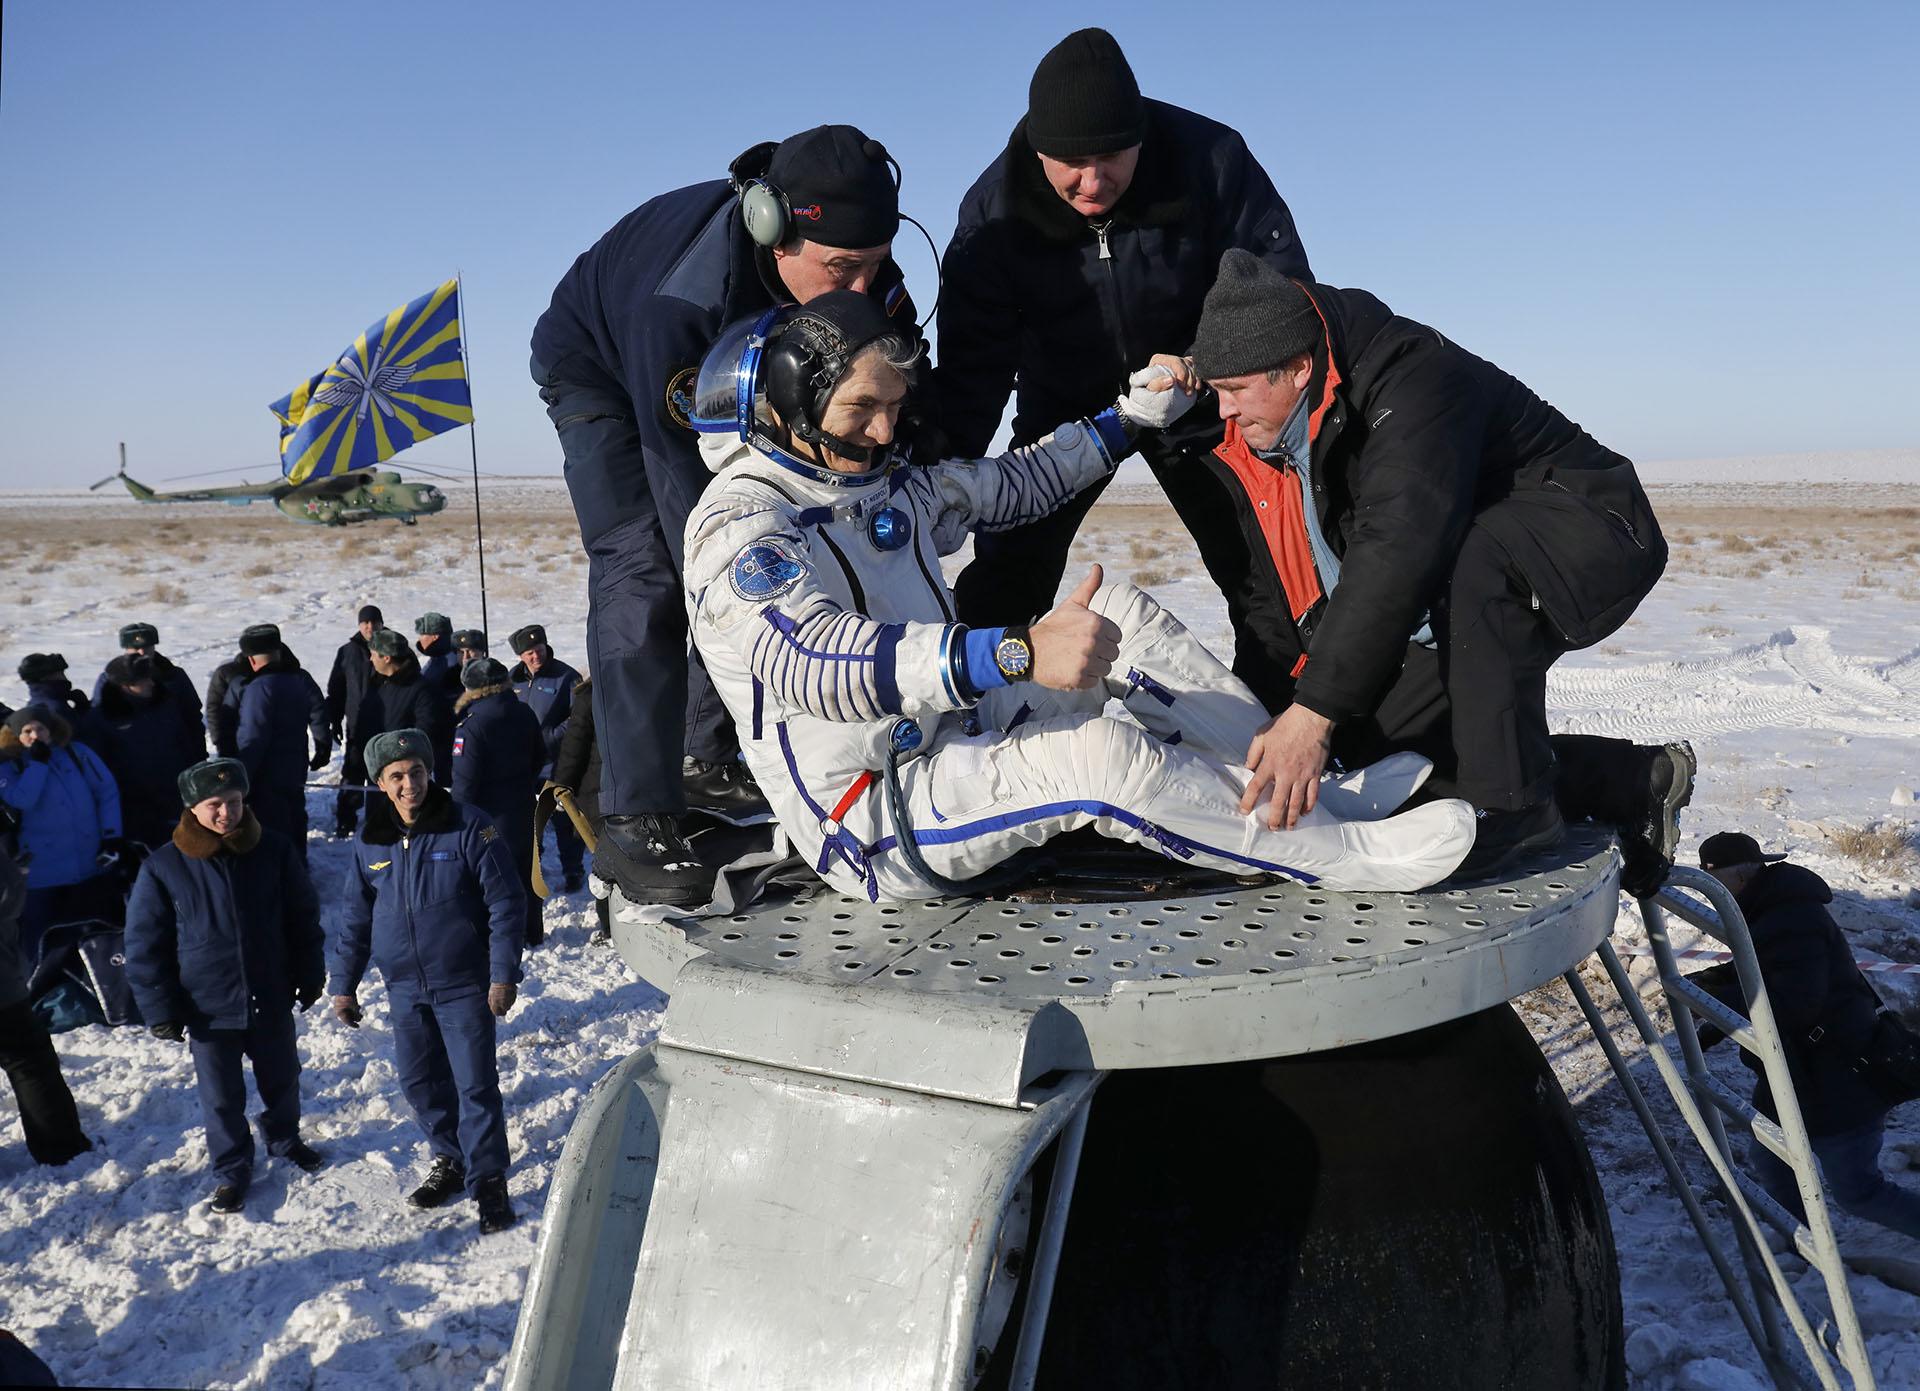 Riazanski, Bresnik y Nespoli retornaron a la Tierra después de cumplir una misión de 139 días en el espacio